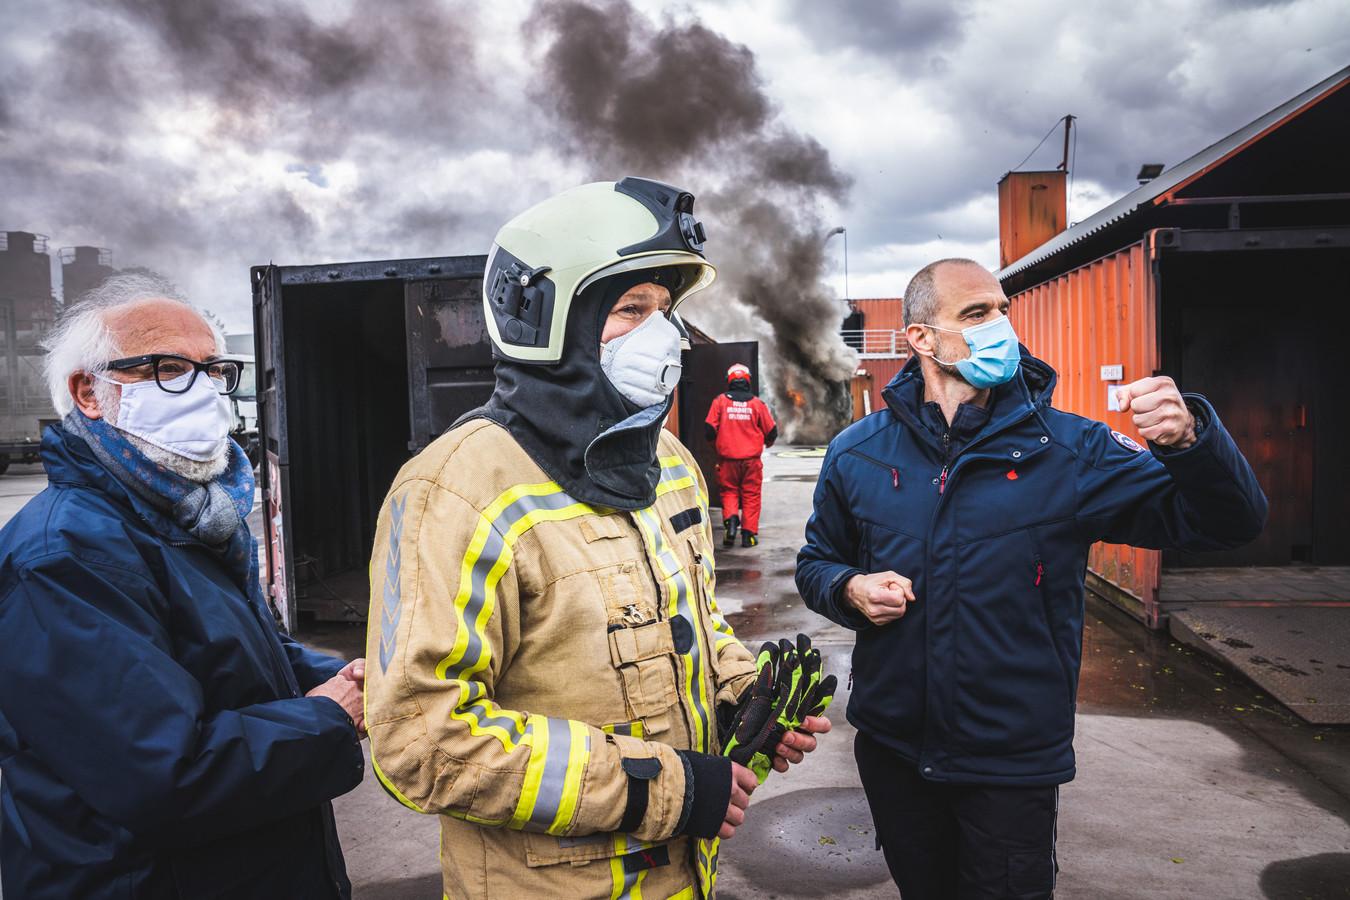 minister Matthias Diependaele op bezoek bij het oefenclomplex van de brandweer in Gent